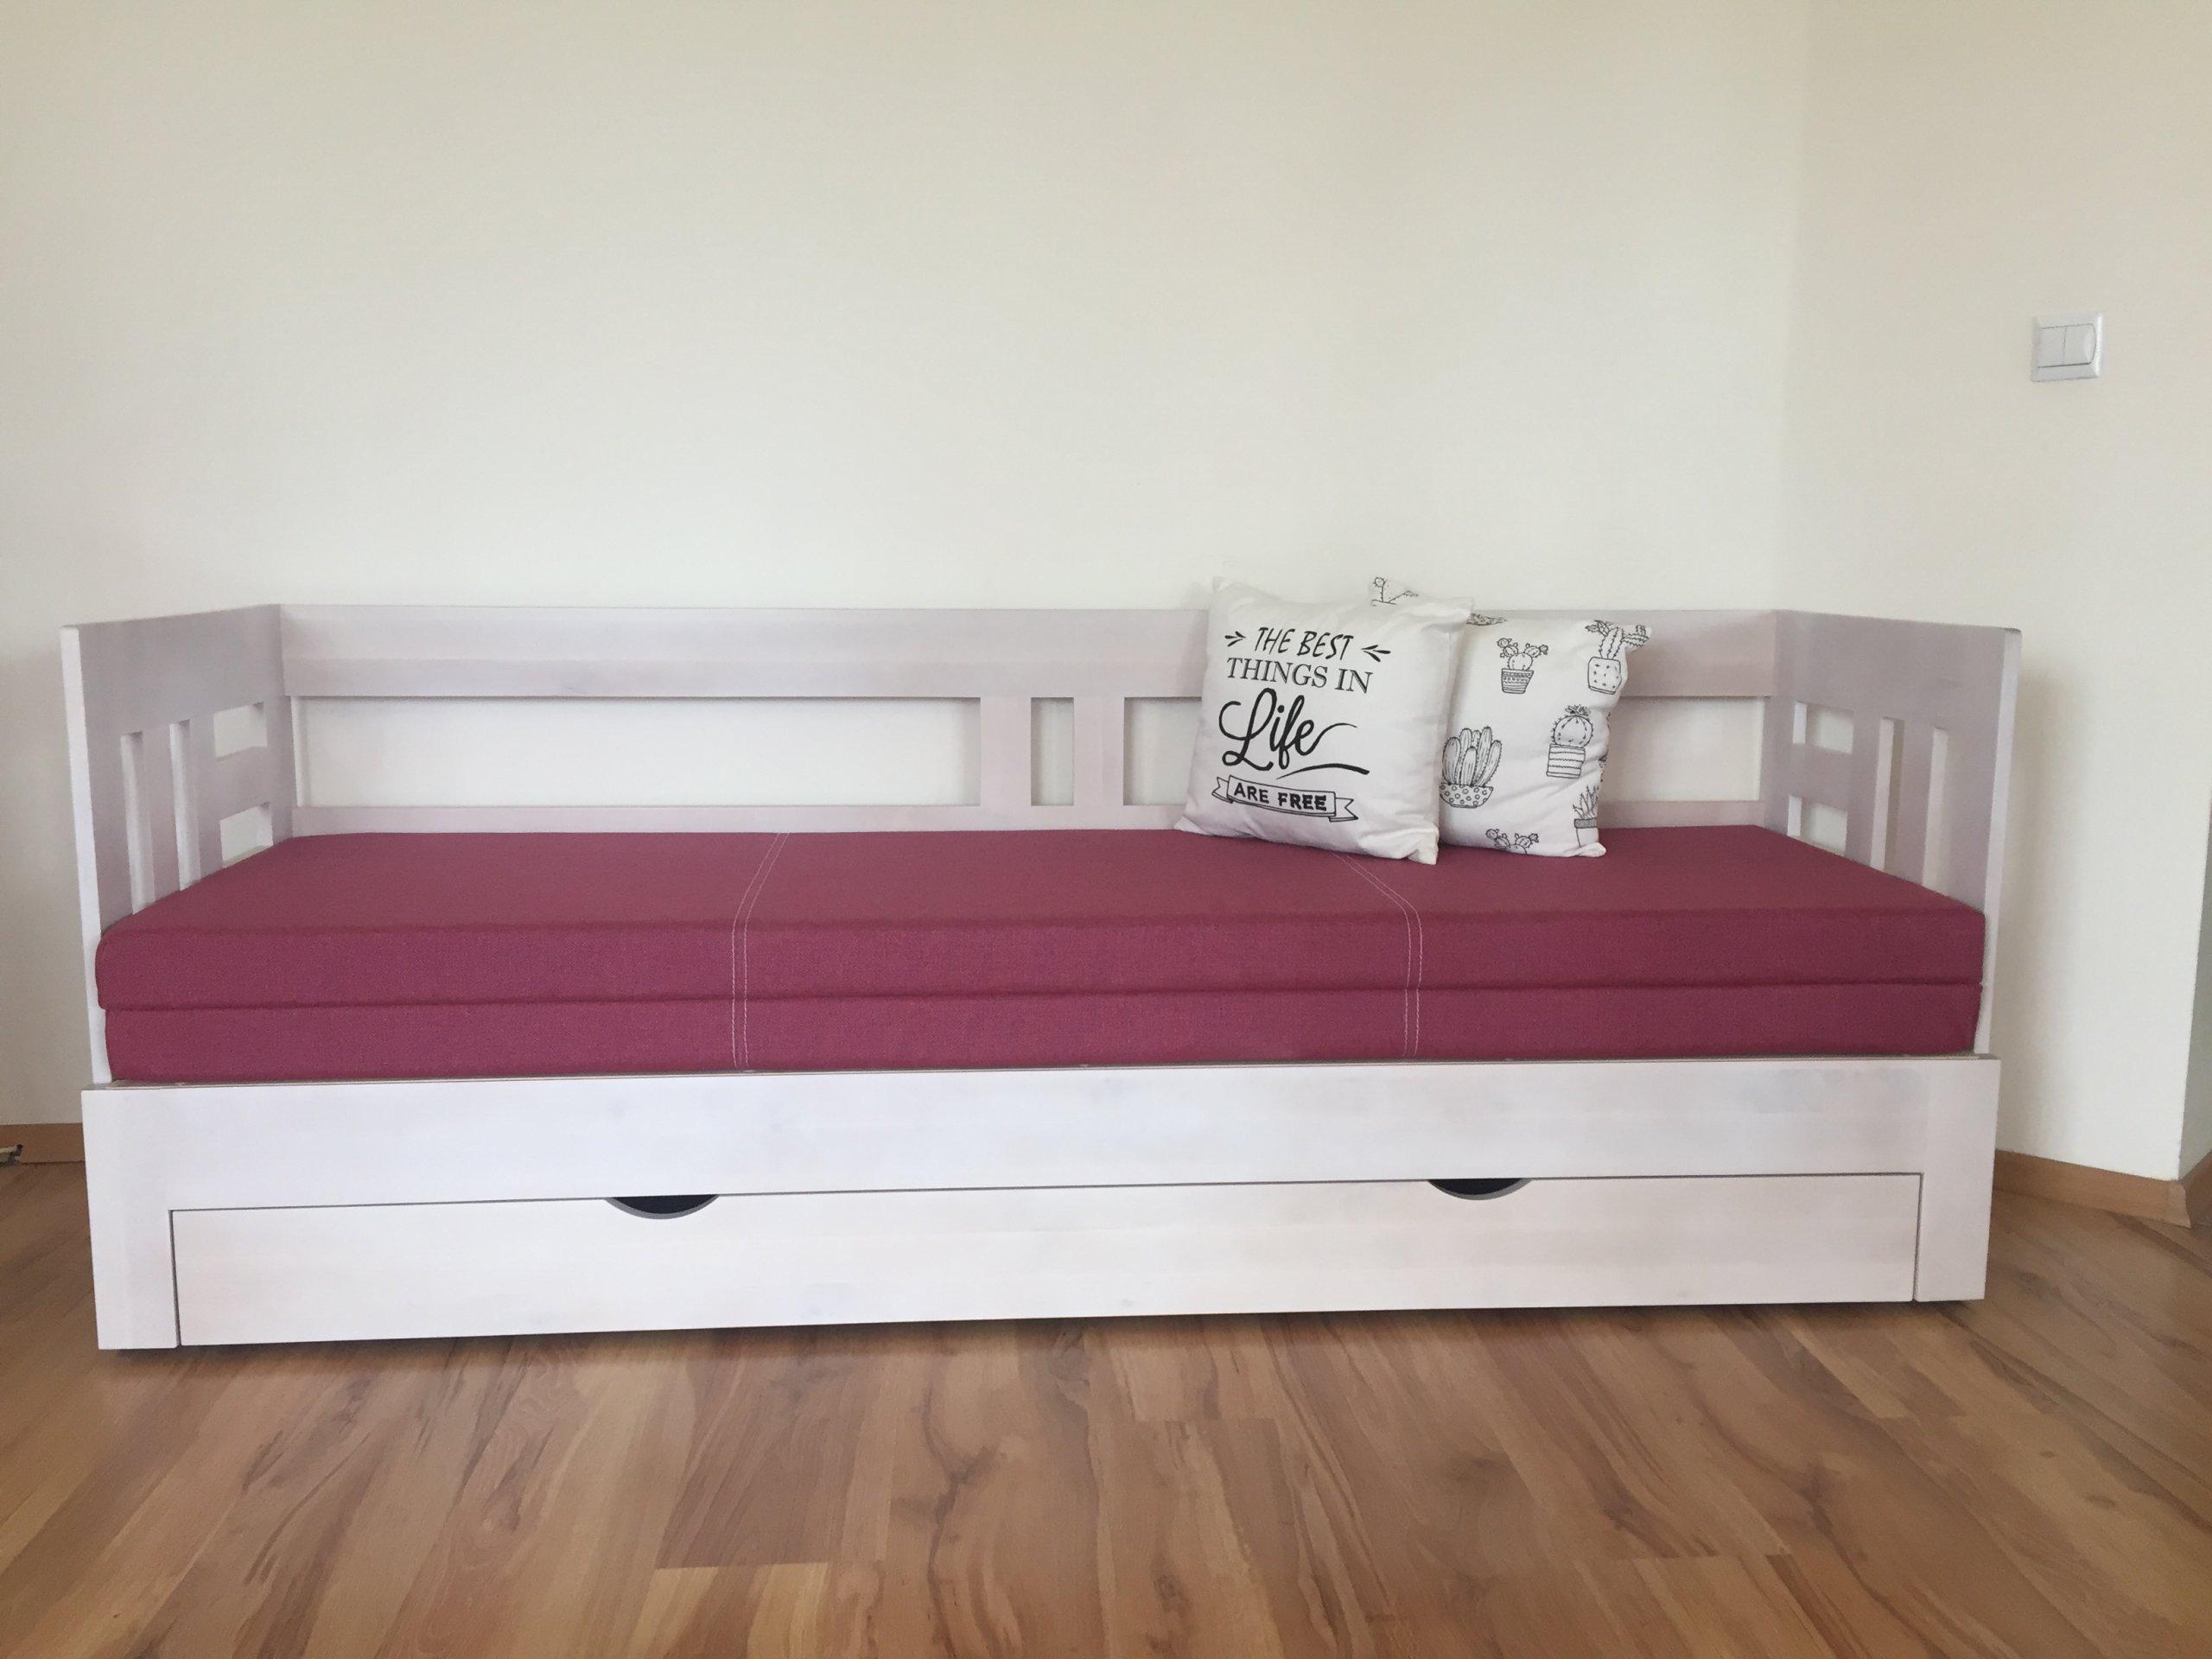 łóżko Brzozowe łóżko Rozkładane 70x200 140x200 7086953339